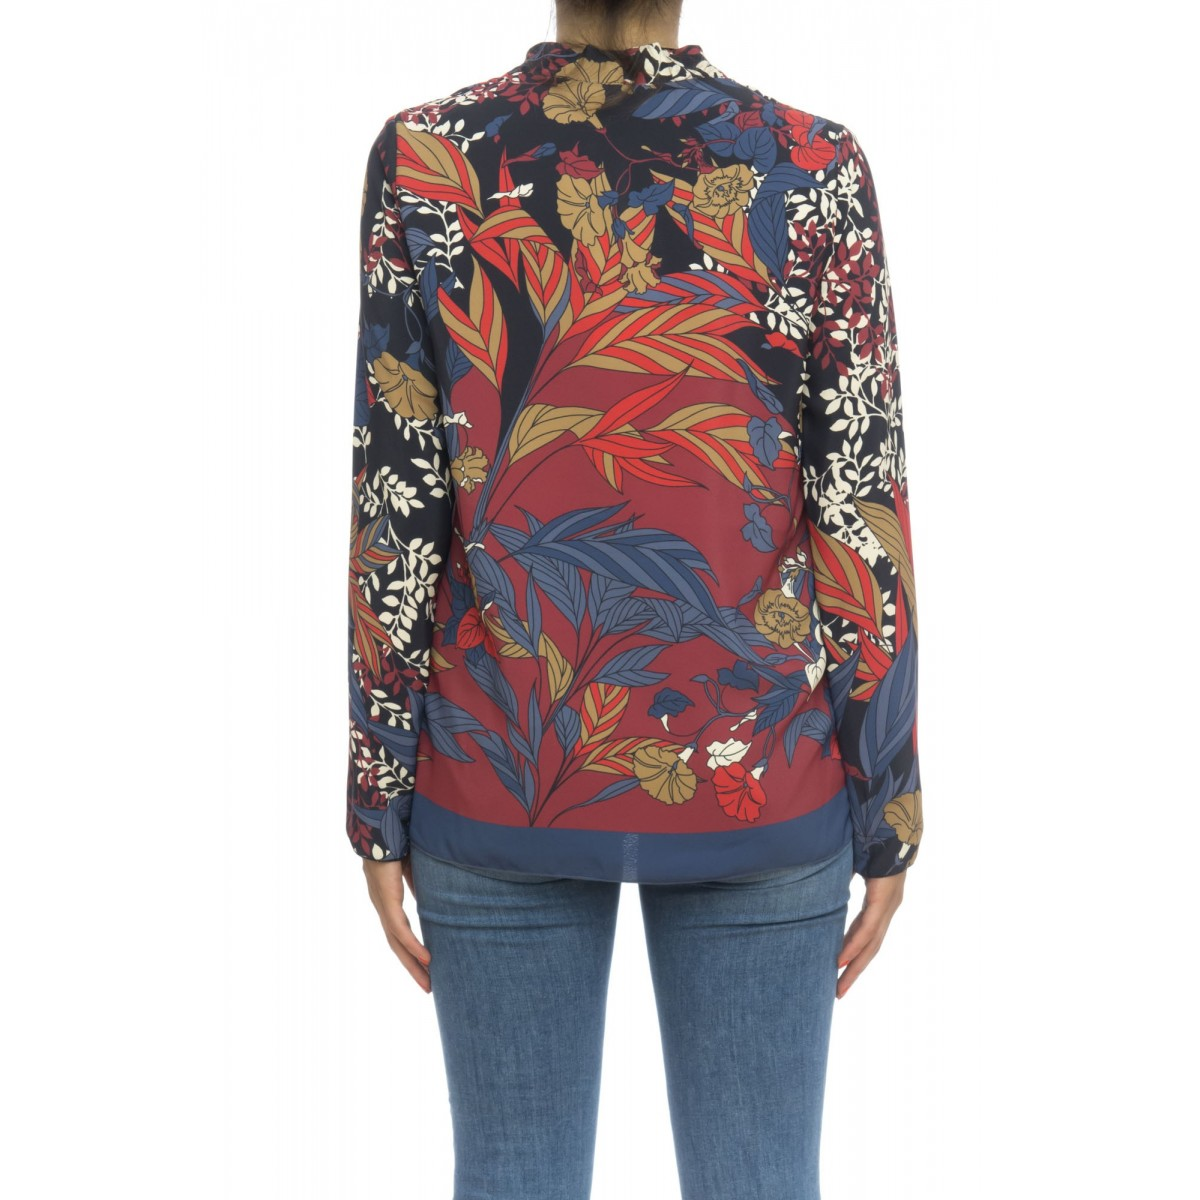 Camicia donna - Tizer camicia stampa